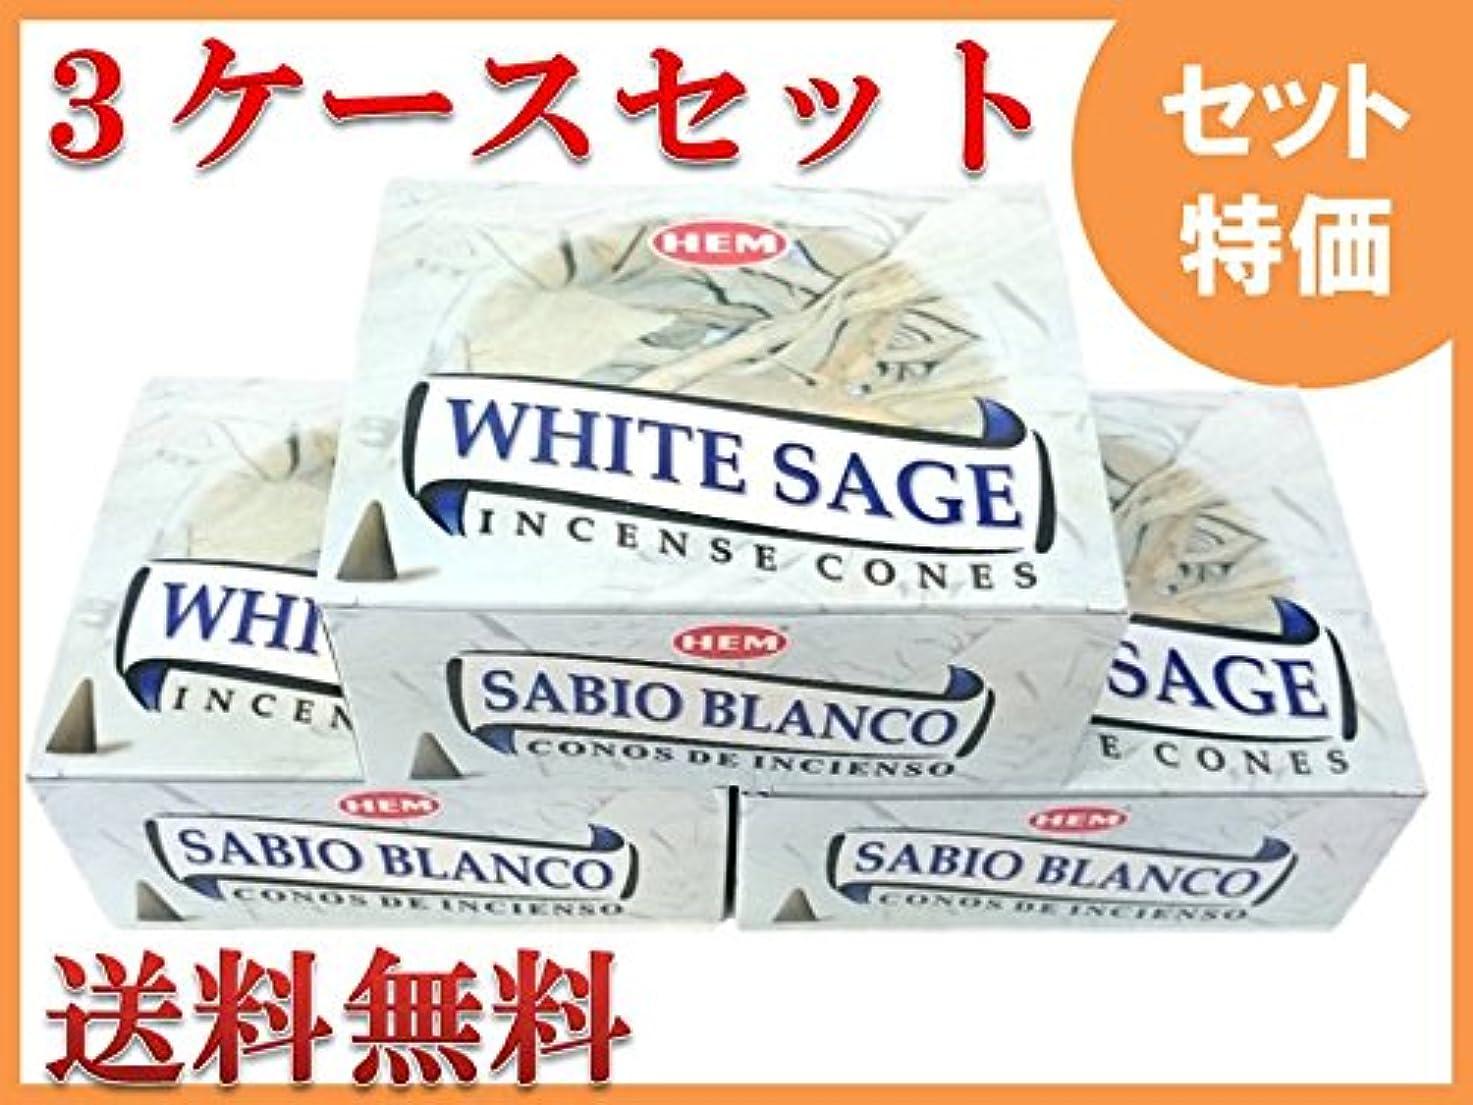 プレーヤー火山不一致HEM(ヘム)お香コーン:ホワイトセージ 3ケース(36箱)セット/お香コーン/HEMホワイトセージコーン